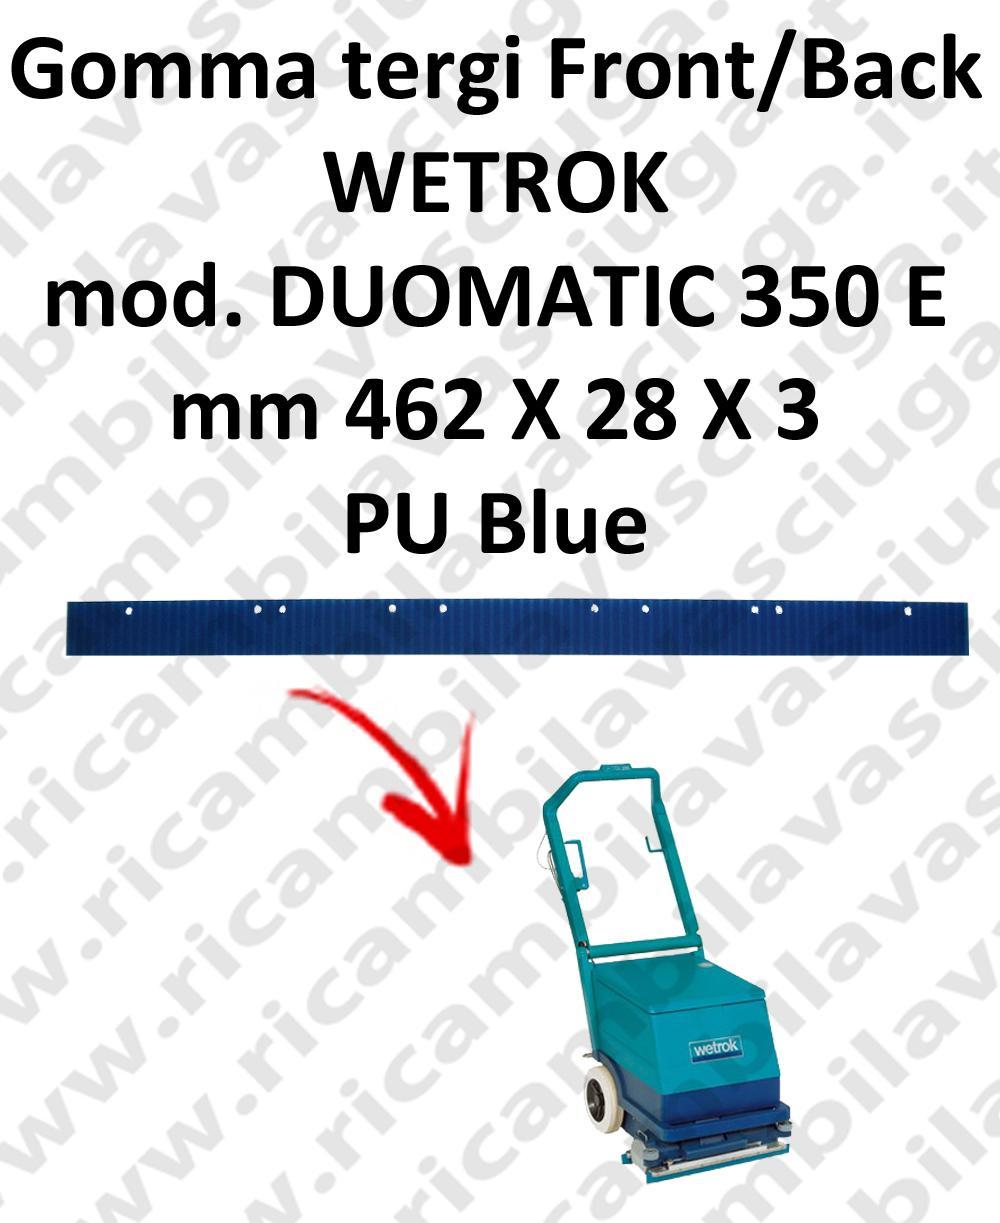 DUOMATIC 350 E GOMMA TERGI posteriore anteriore per WETROK